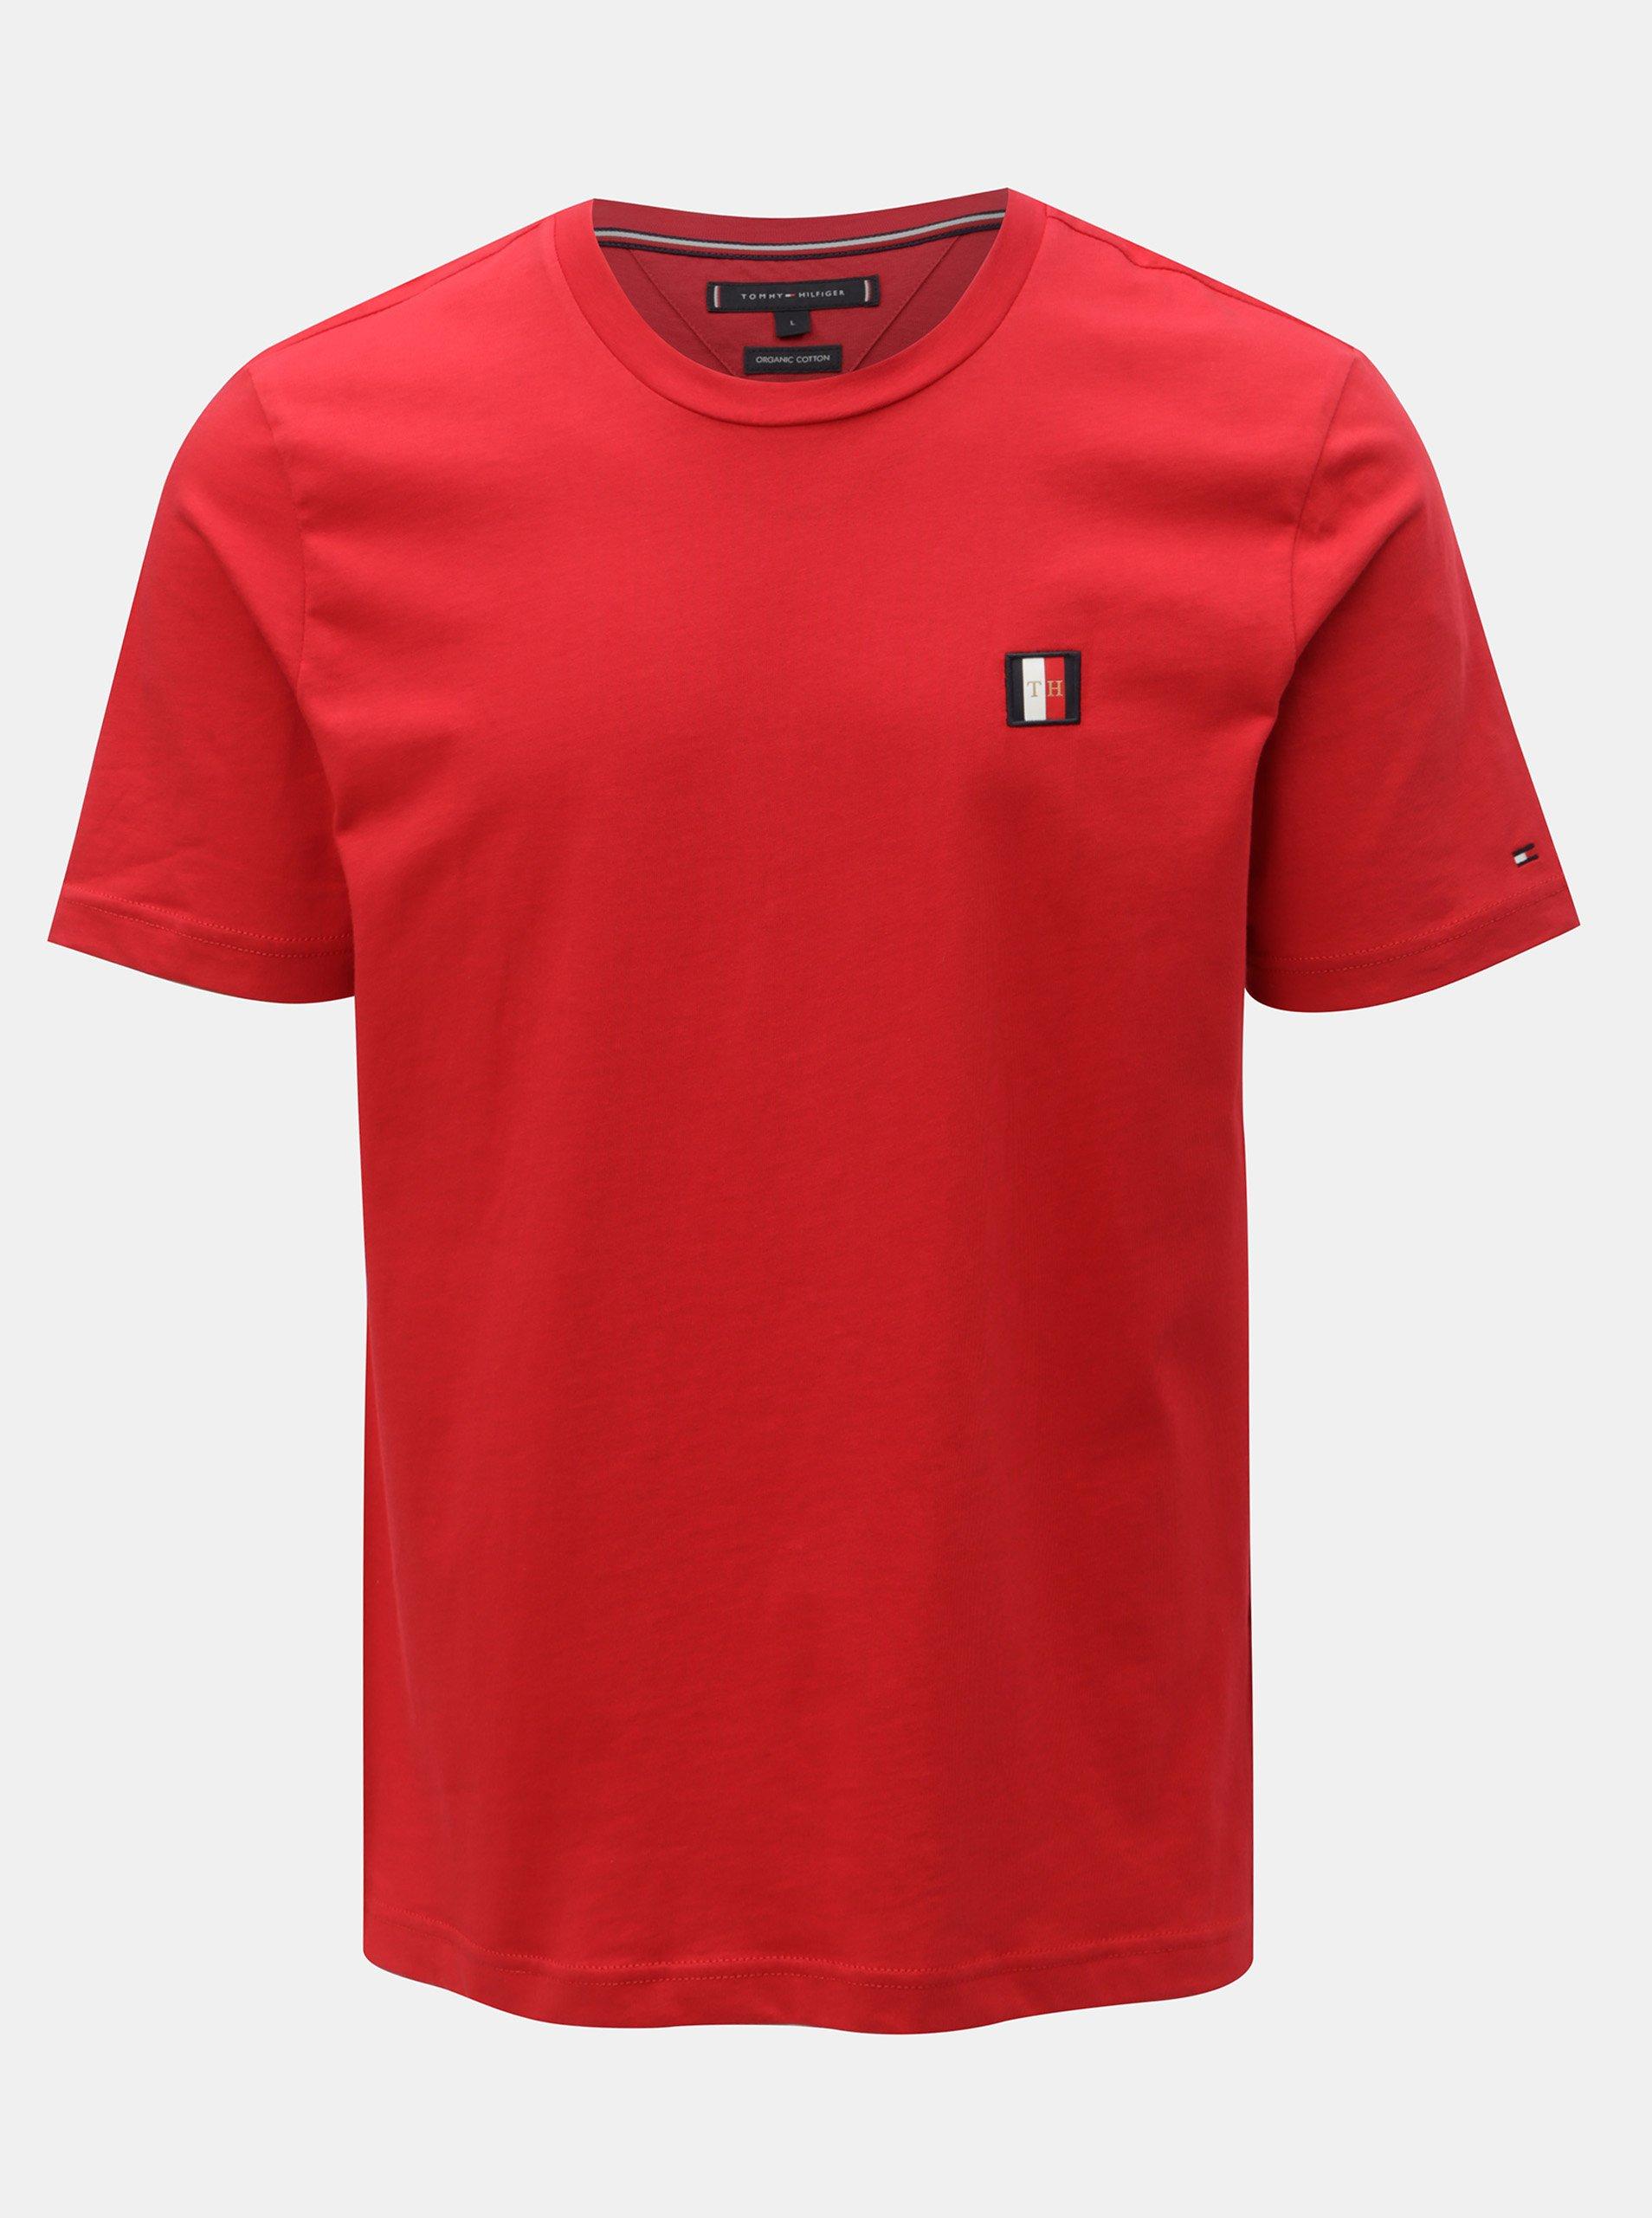 47608c04fd Cervene panske tenisky tommy hilfiger levně